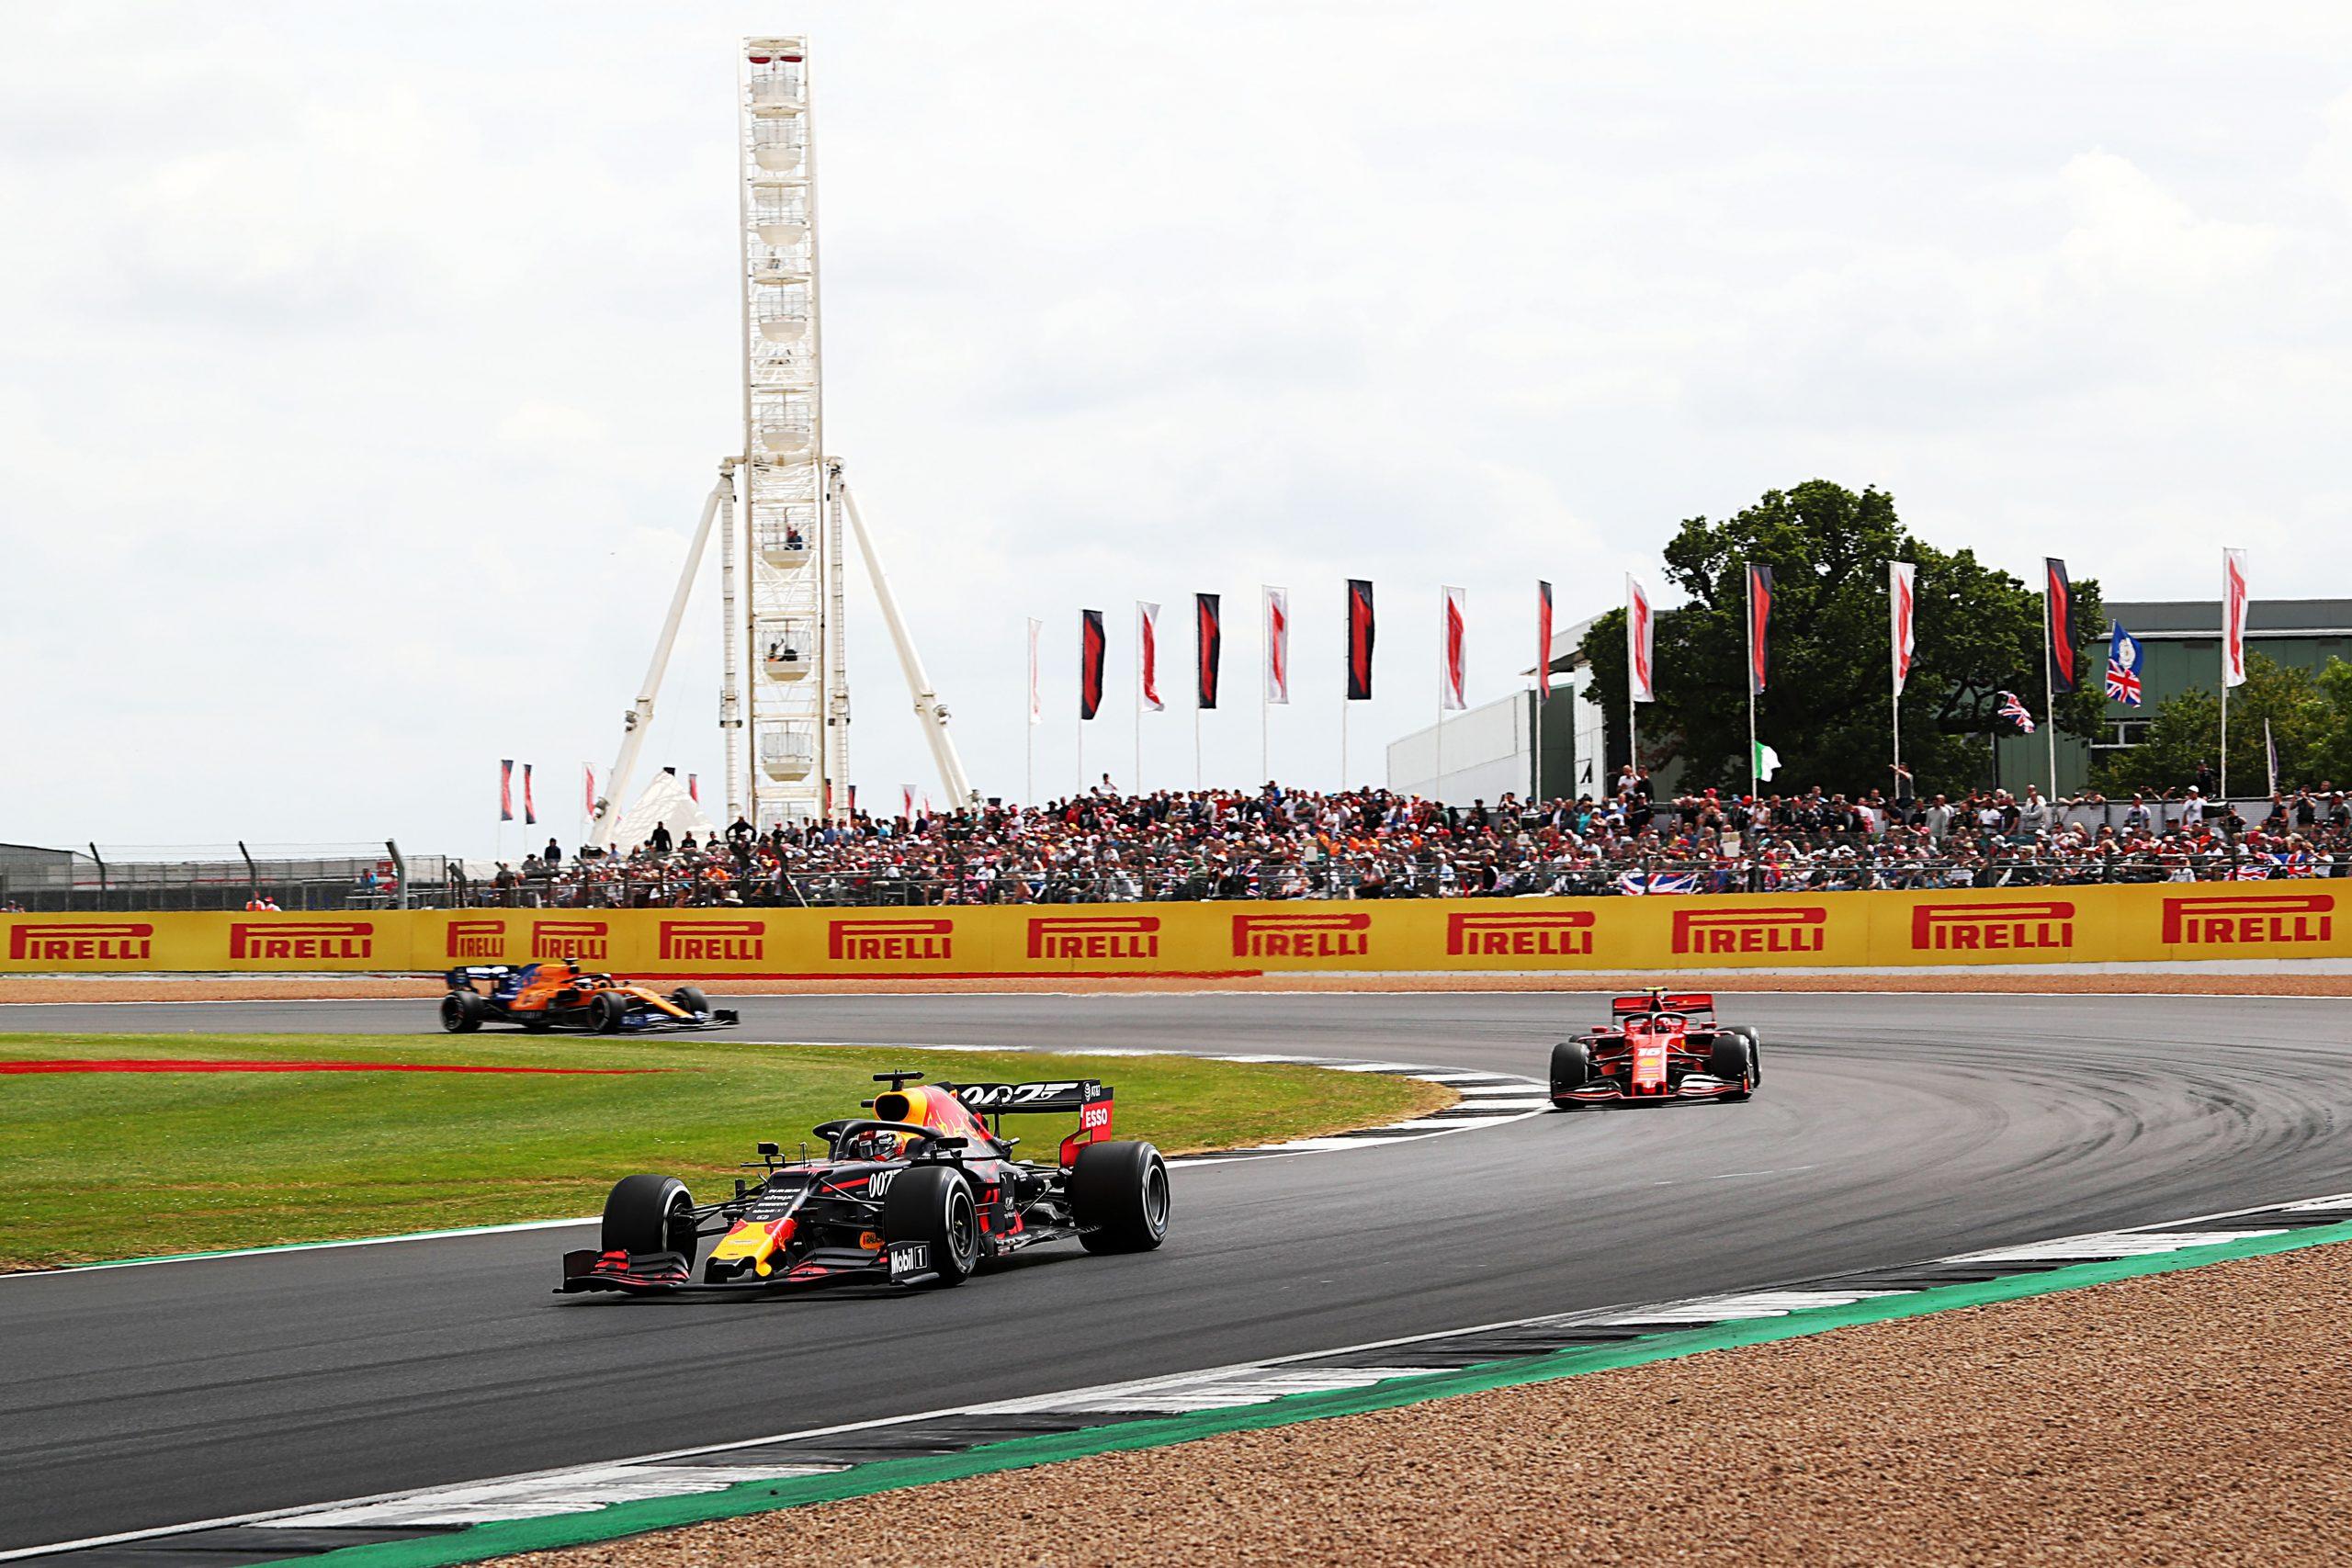 Camping Silverstone – Caravan en Camper plaatsen – Formule 1 Grand Prix van Groot-Brittannië 2021